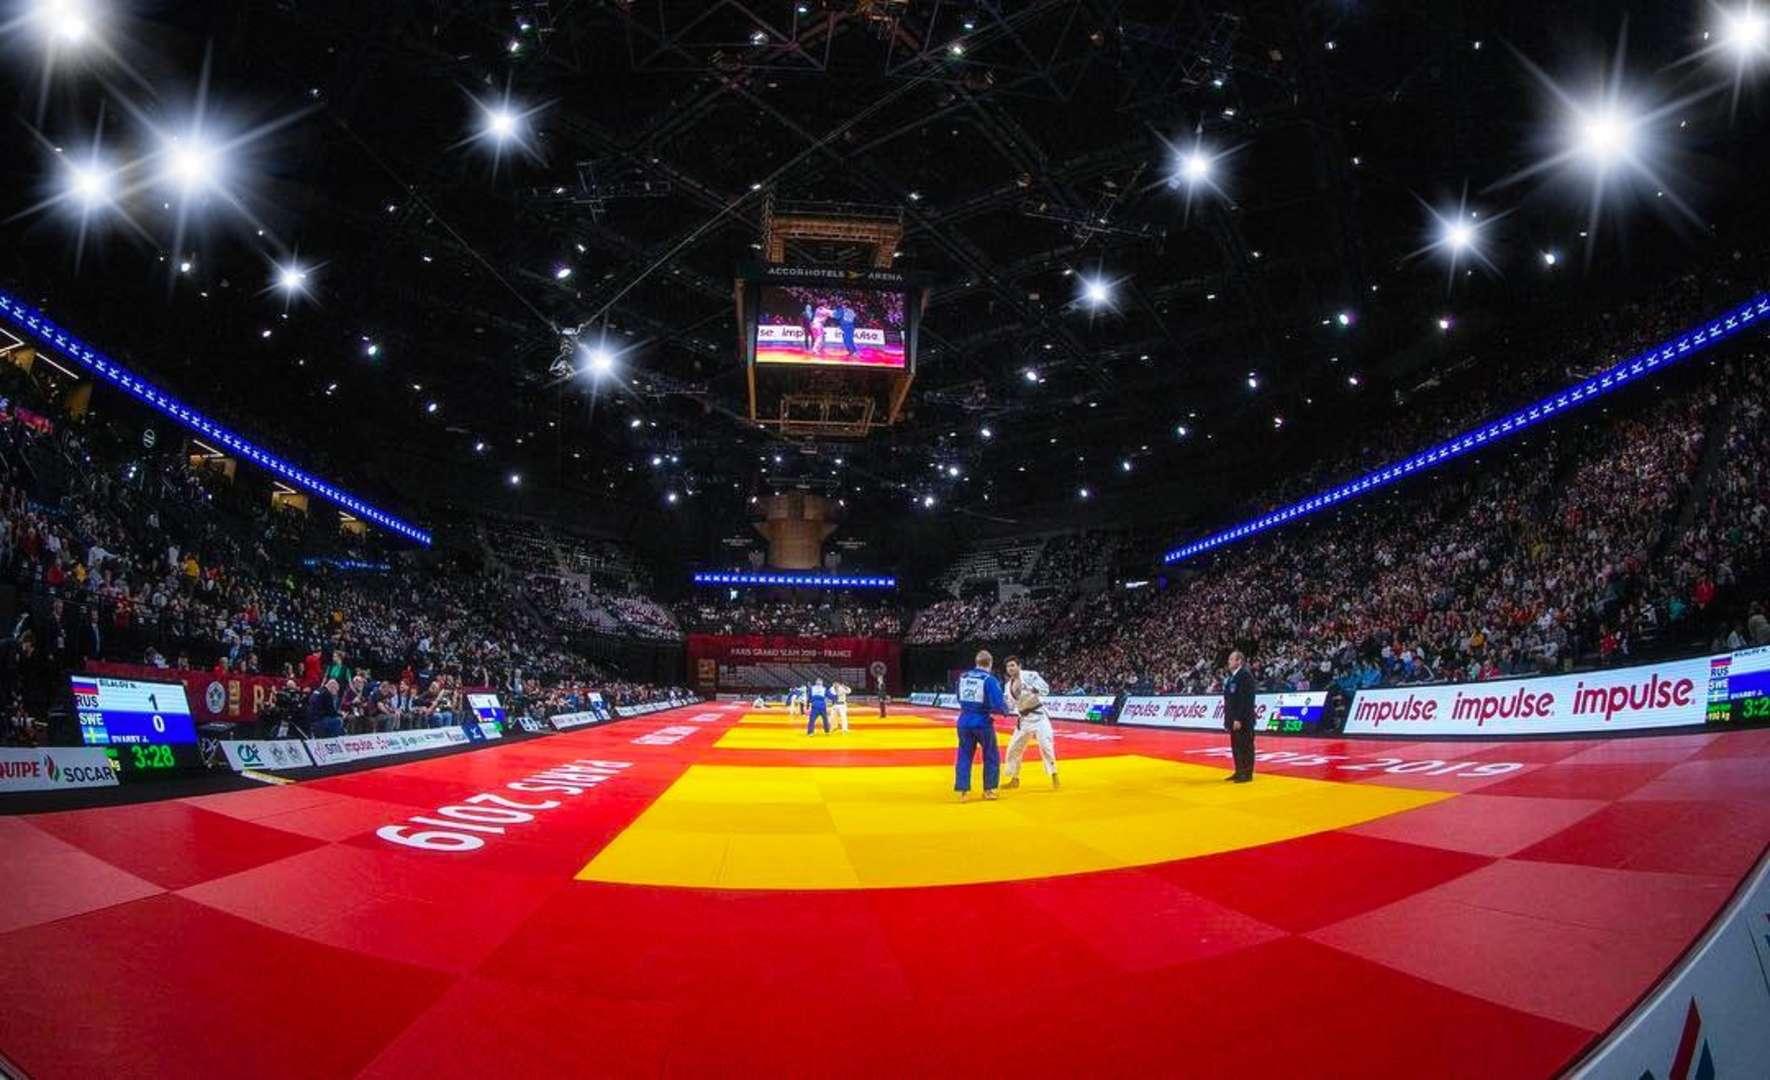 Calendrier Judo 2022 Paris Grand Slam 2021 this Autumn / IJF.org